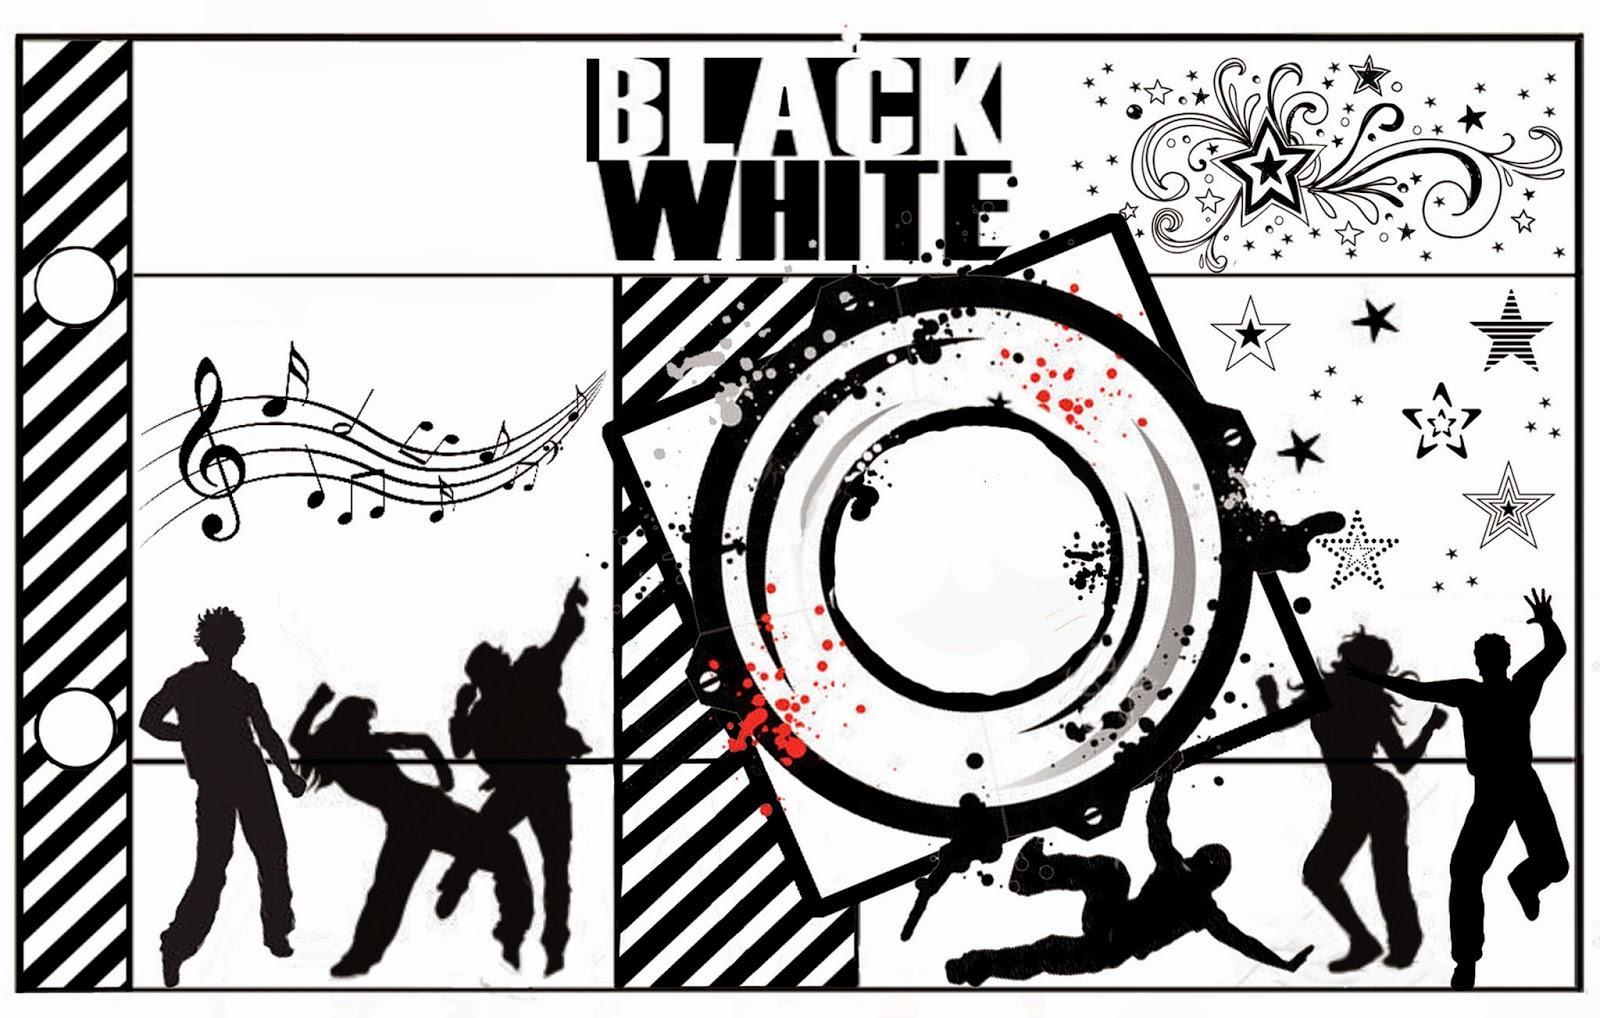 Album de Fotos para Imprimir Gratis de Fiestas en Blanco y Negro.